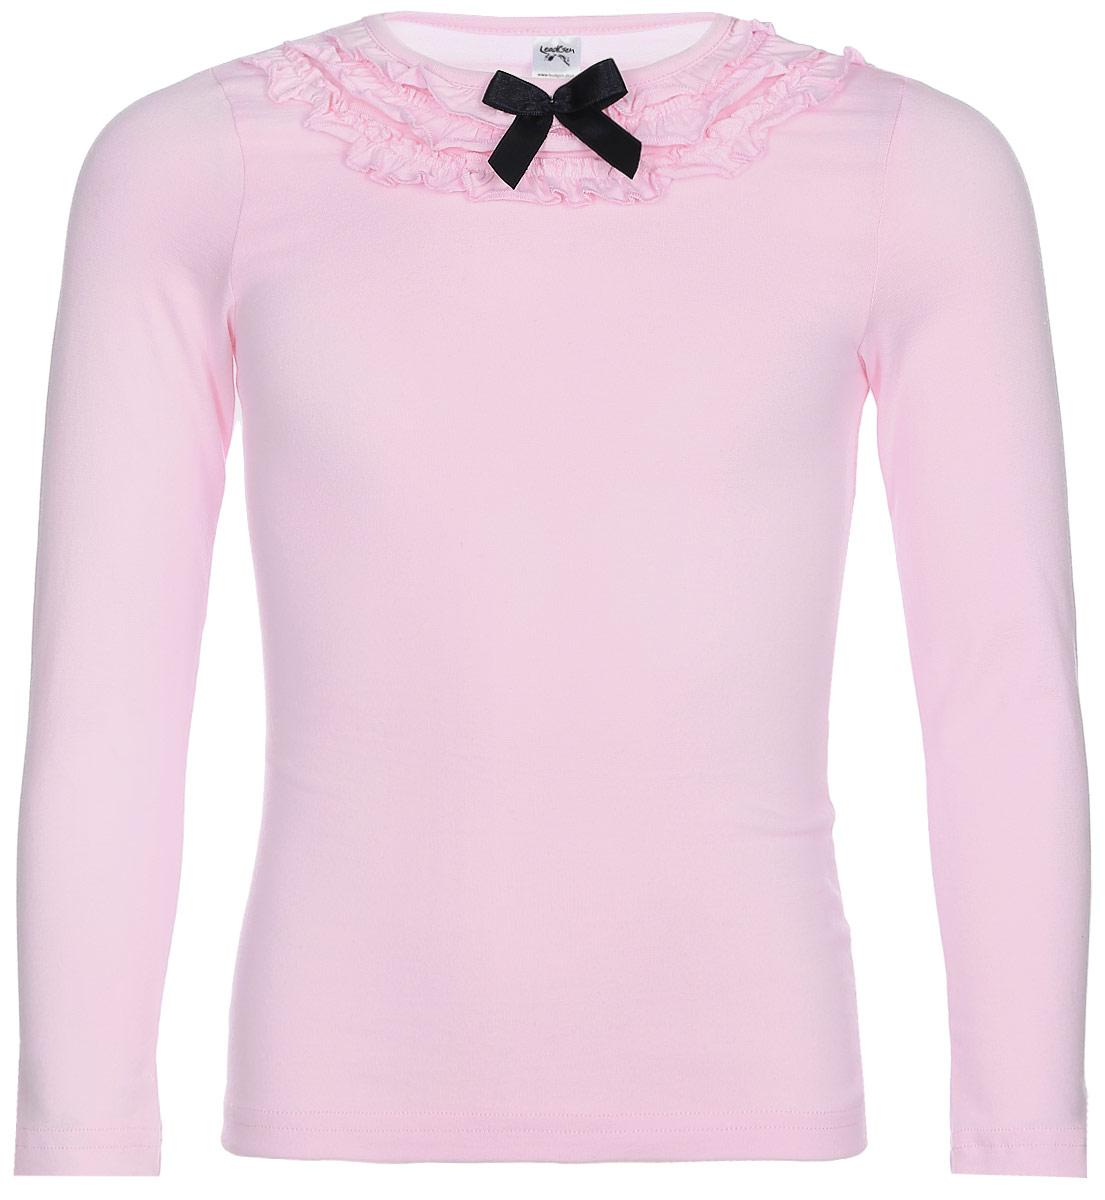 Джемпер для девочки LeadGen, цвет: розовый. G980008716-172. Размер 164G980008716-172Джемпер для девочки LeadGen выполнен из эластичного хлопкового трикотажа. Модель с длинными рукавами и круглым вырезом горловины. Вырез горловины декорирован рюшами и контрастным бантиком.